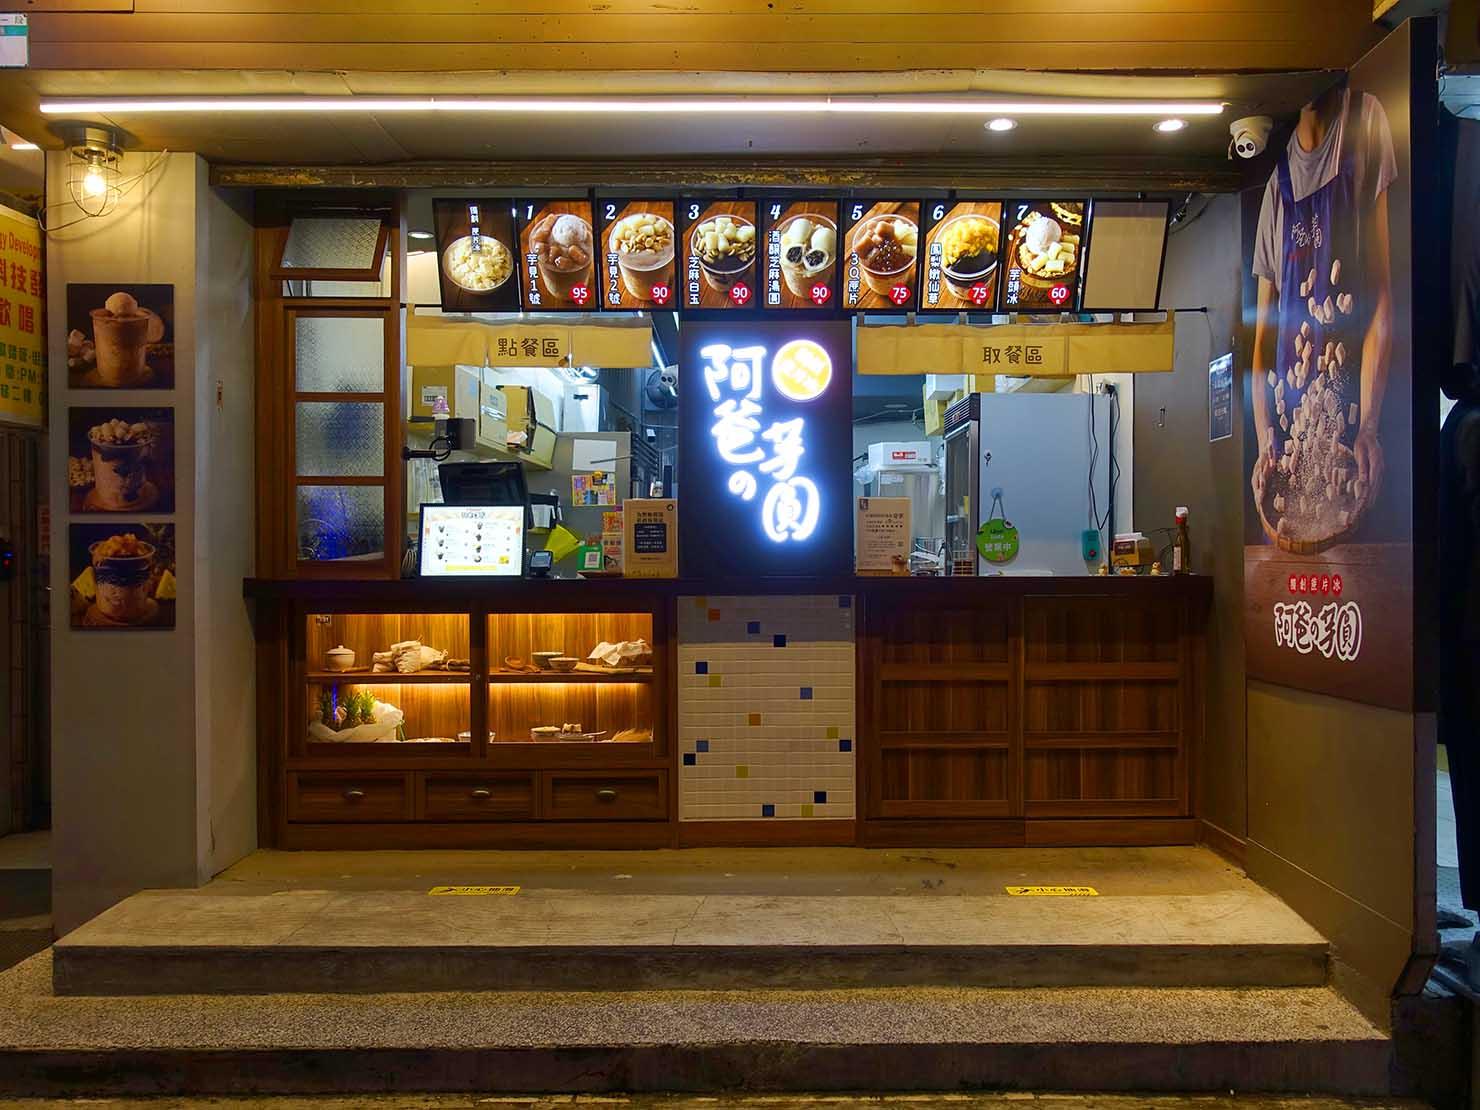 台北・西門町のおすすめひんやりスイーツ店「阿爸の芋圓」の外観